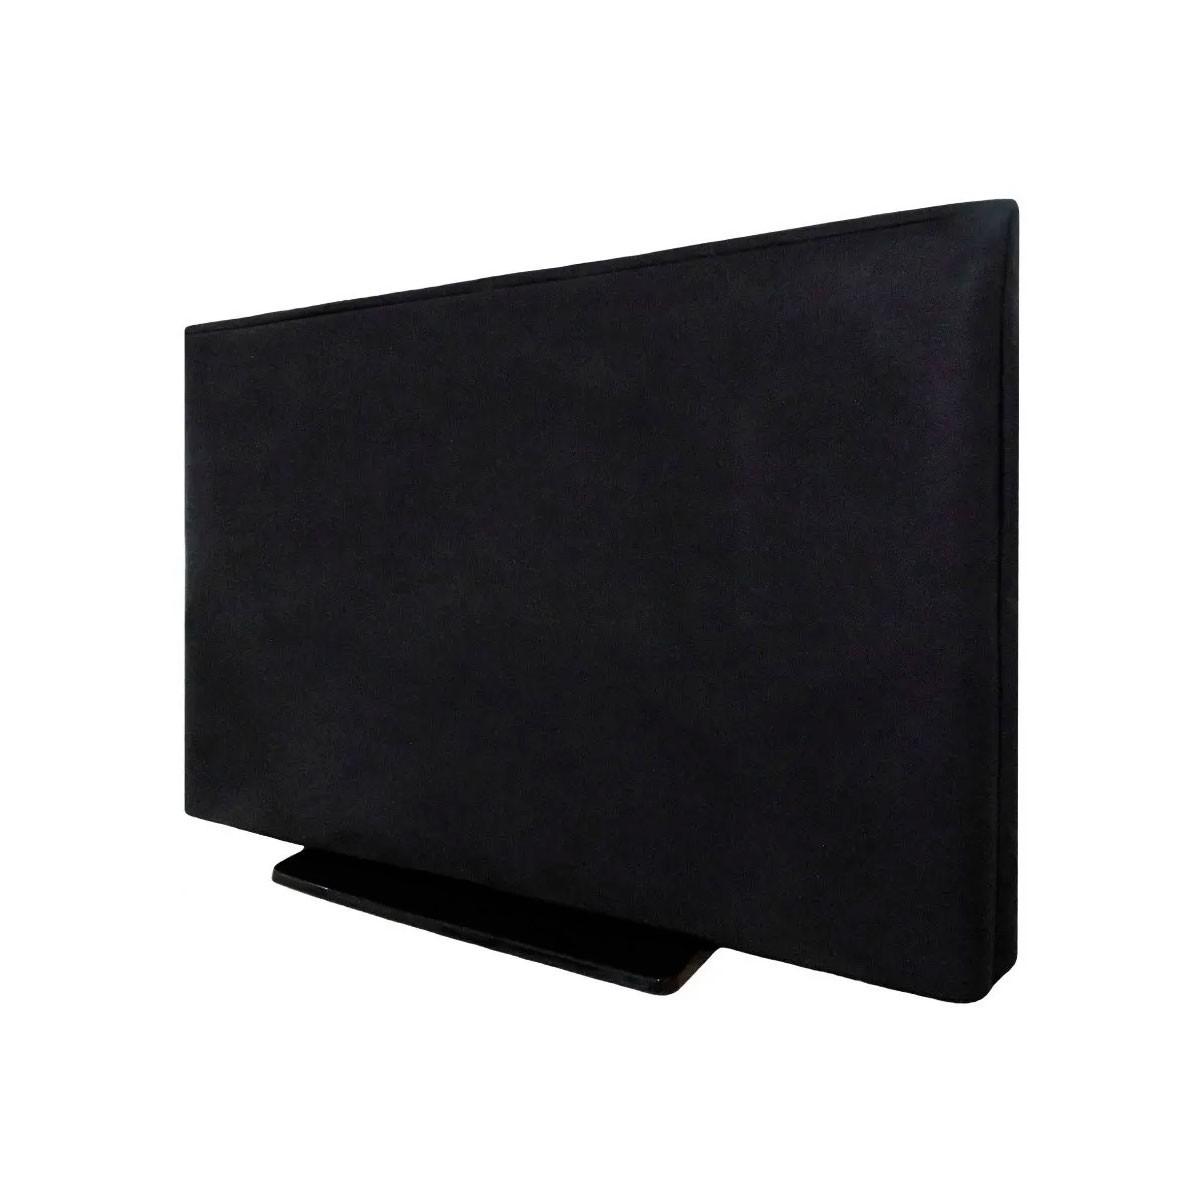 Capa Em Tnt 80g (grosso E Resistente) Para Tv Lcd 22 / 23 - MODELO FECHADA ATRÁS